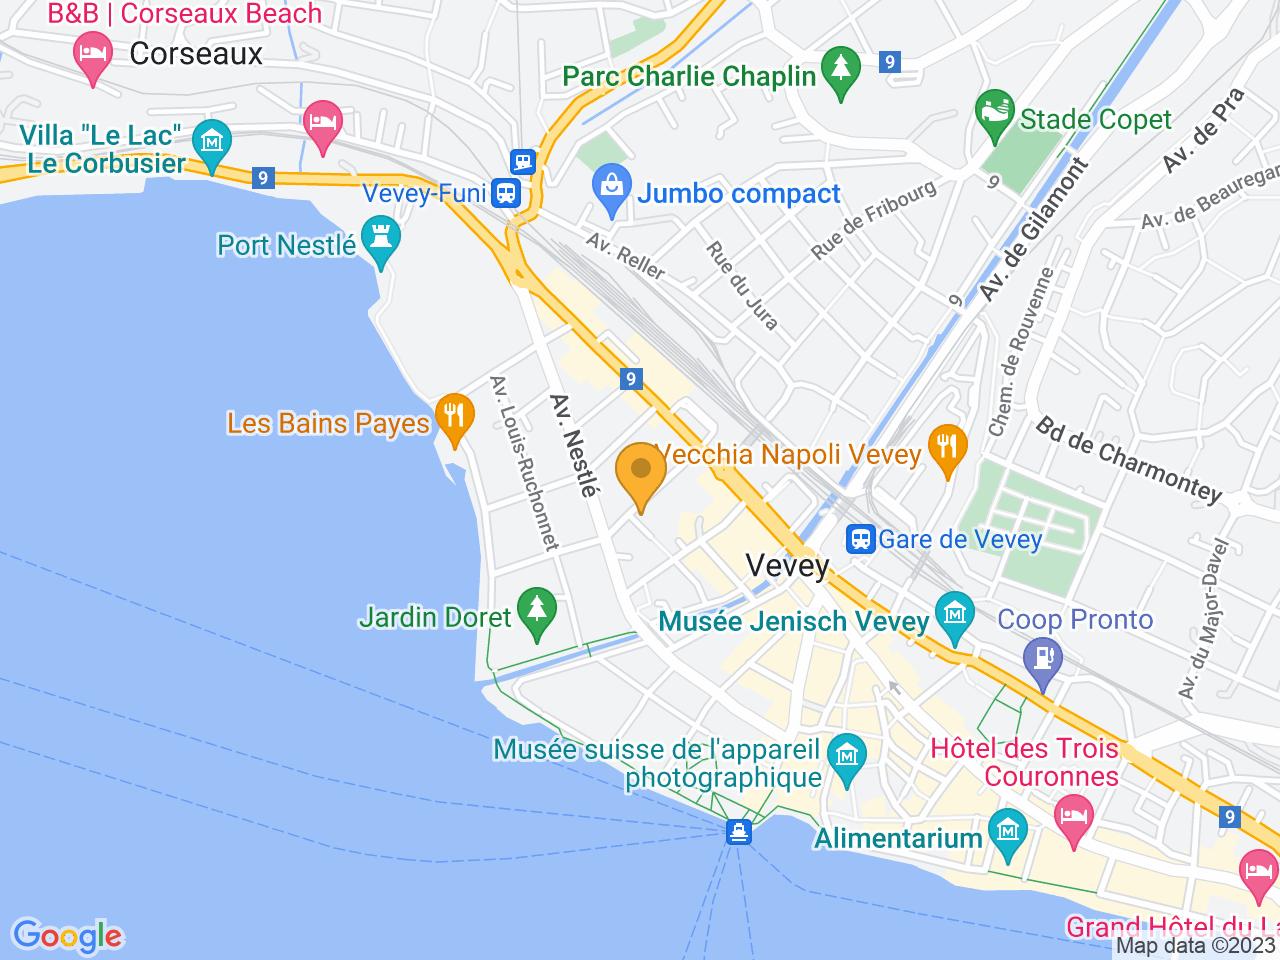 Rue de la Byronne 20, 1800 Vevey